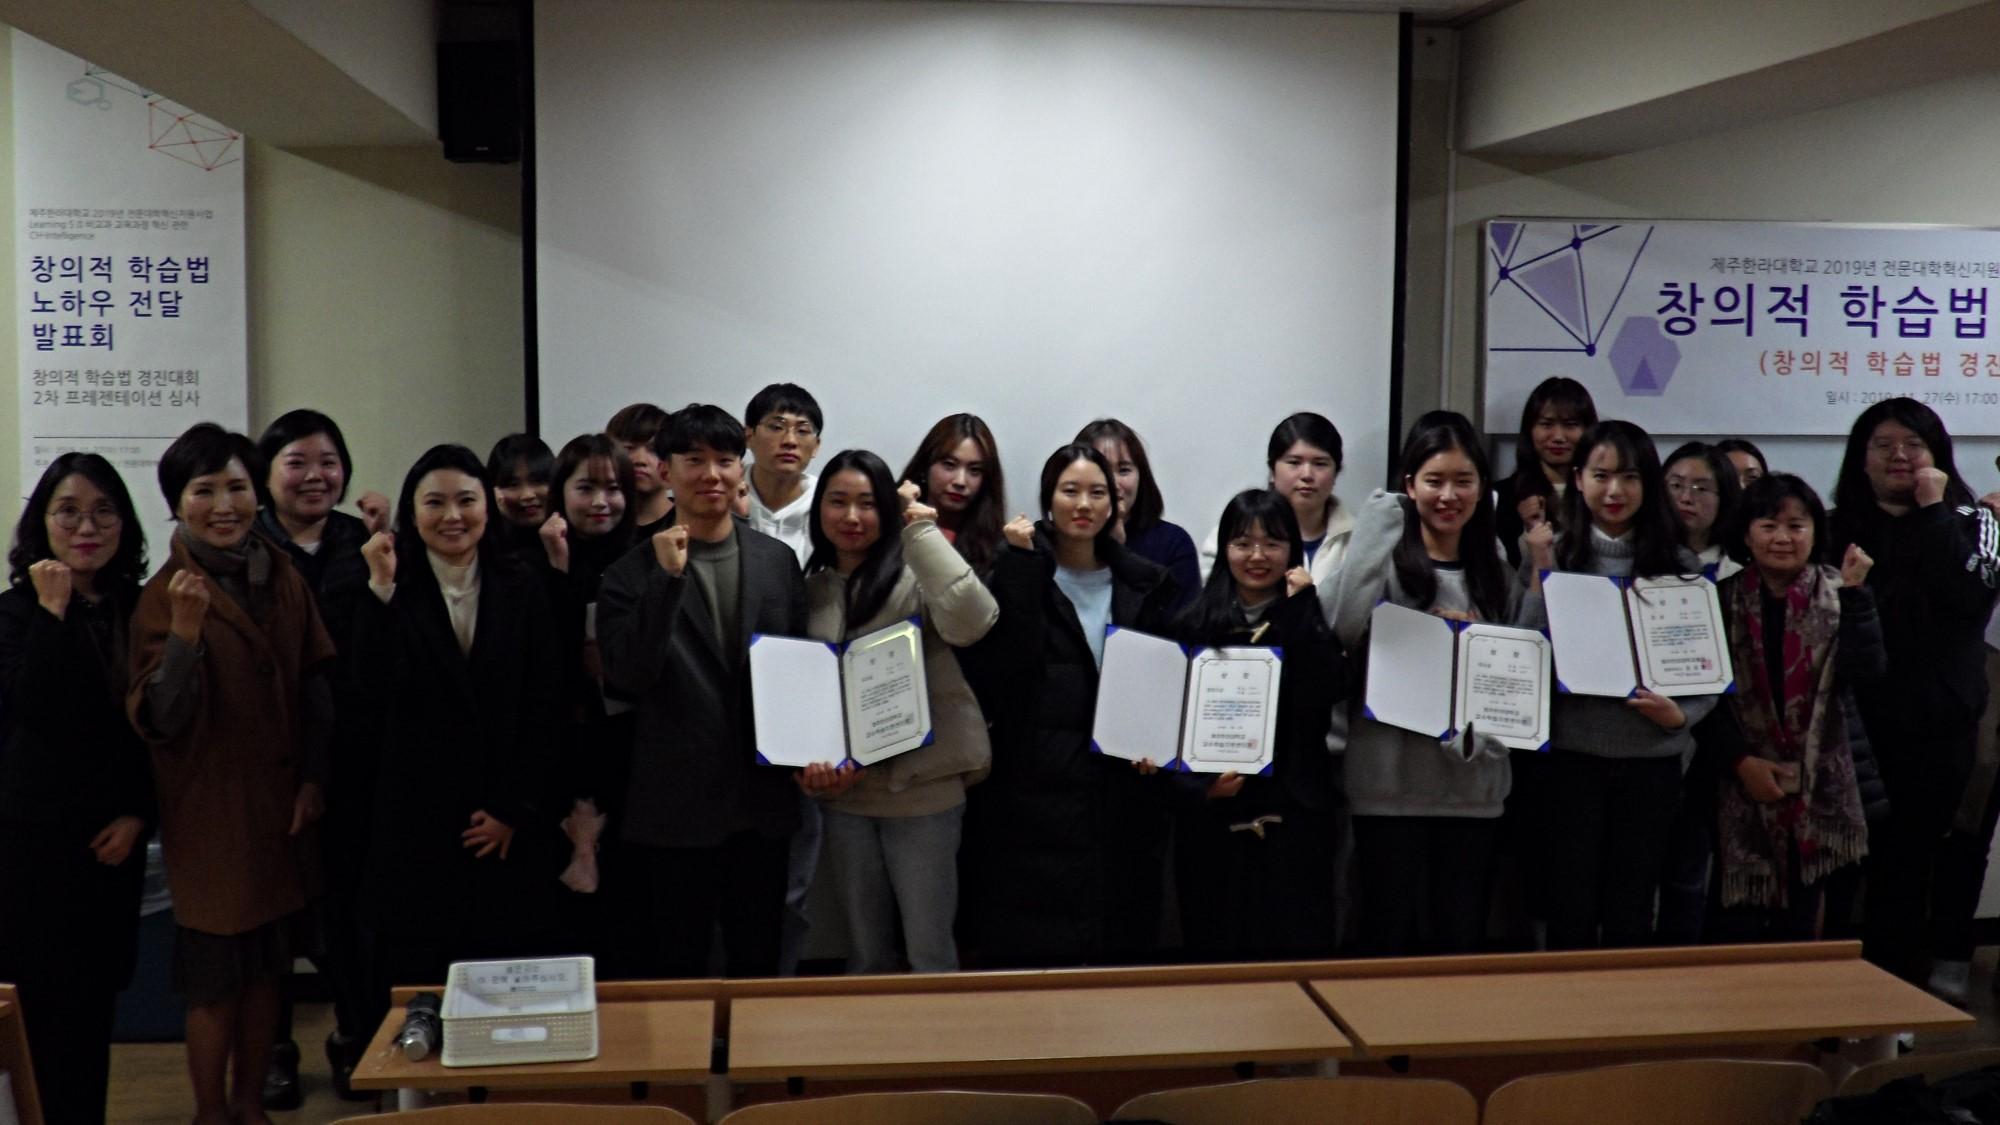 제주한라대학교 교수학습지원센터, CH-Intelligence 창의적 학습법 경진대회 개최1